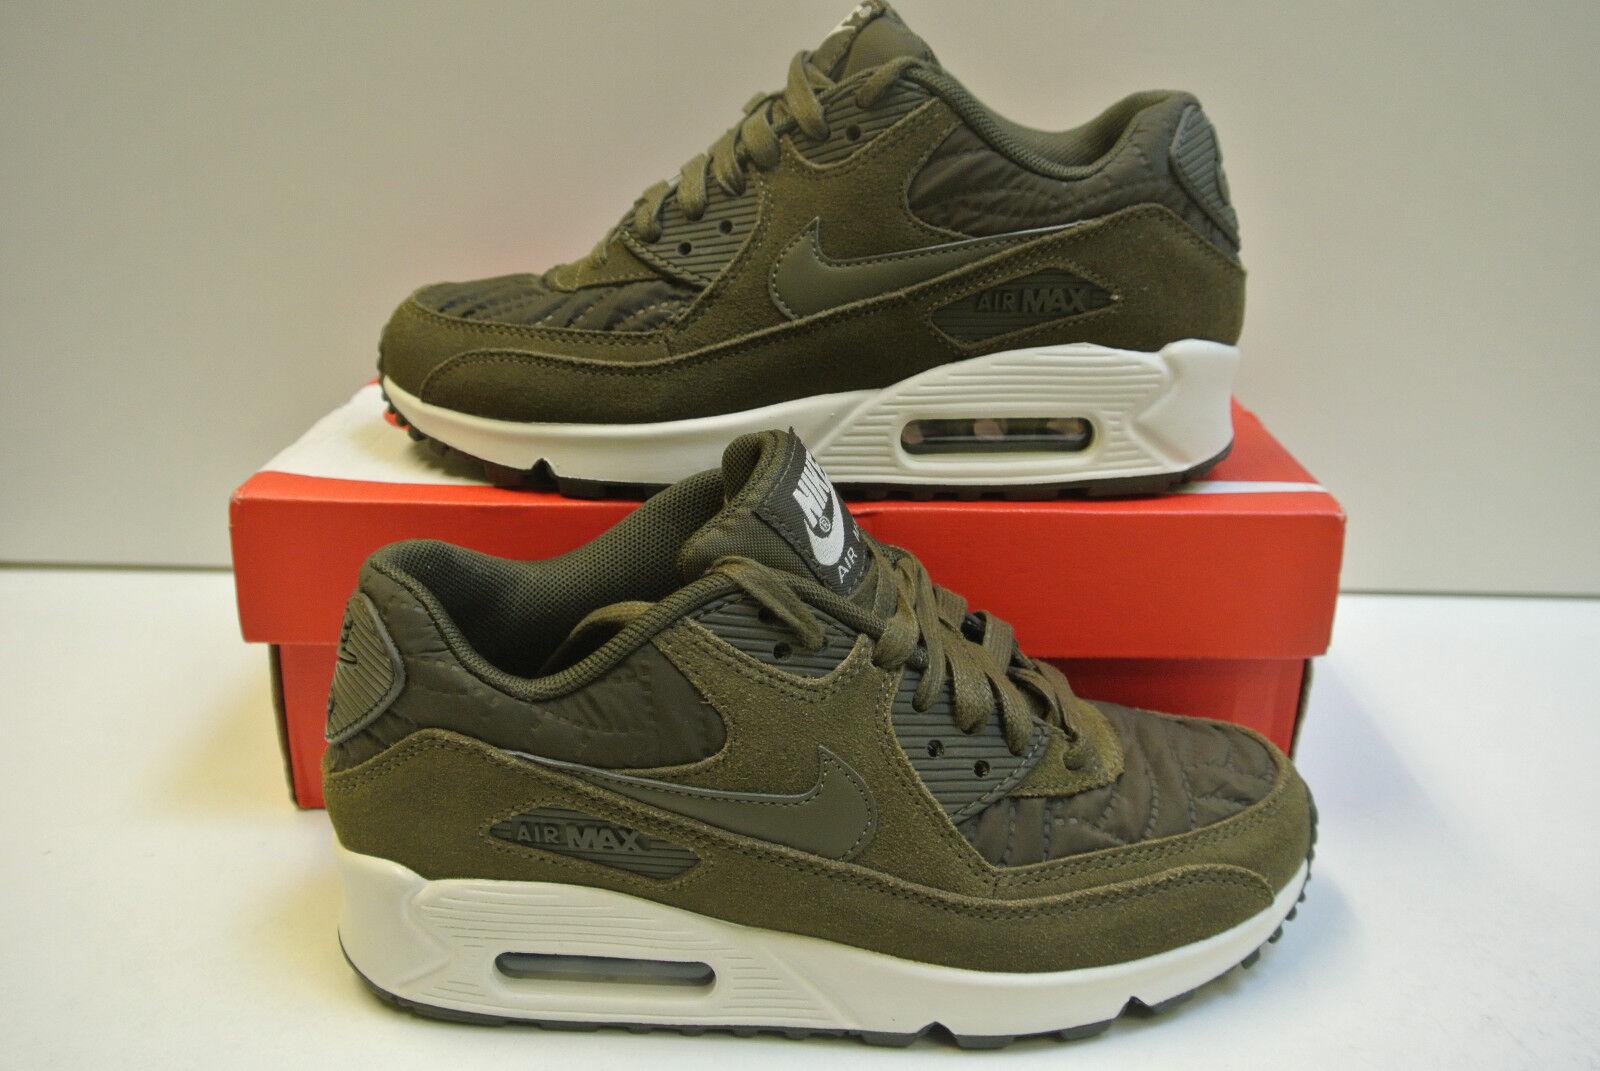 Wmns Nike Air Max 90 90 90 PREM taille au choix NOUVEAU & NEUF dans sa boîte 443817 300 8f63bd